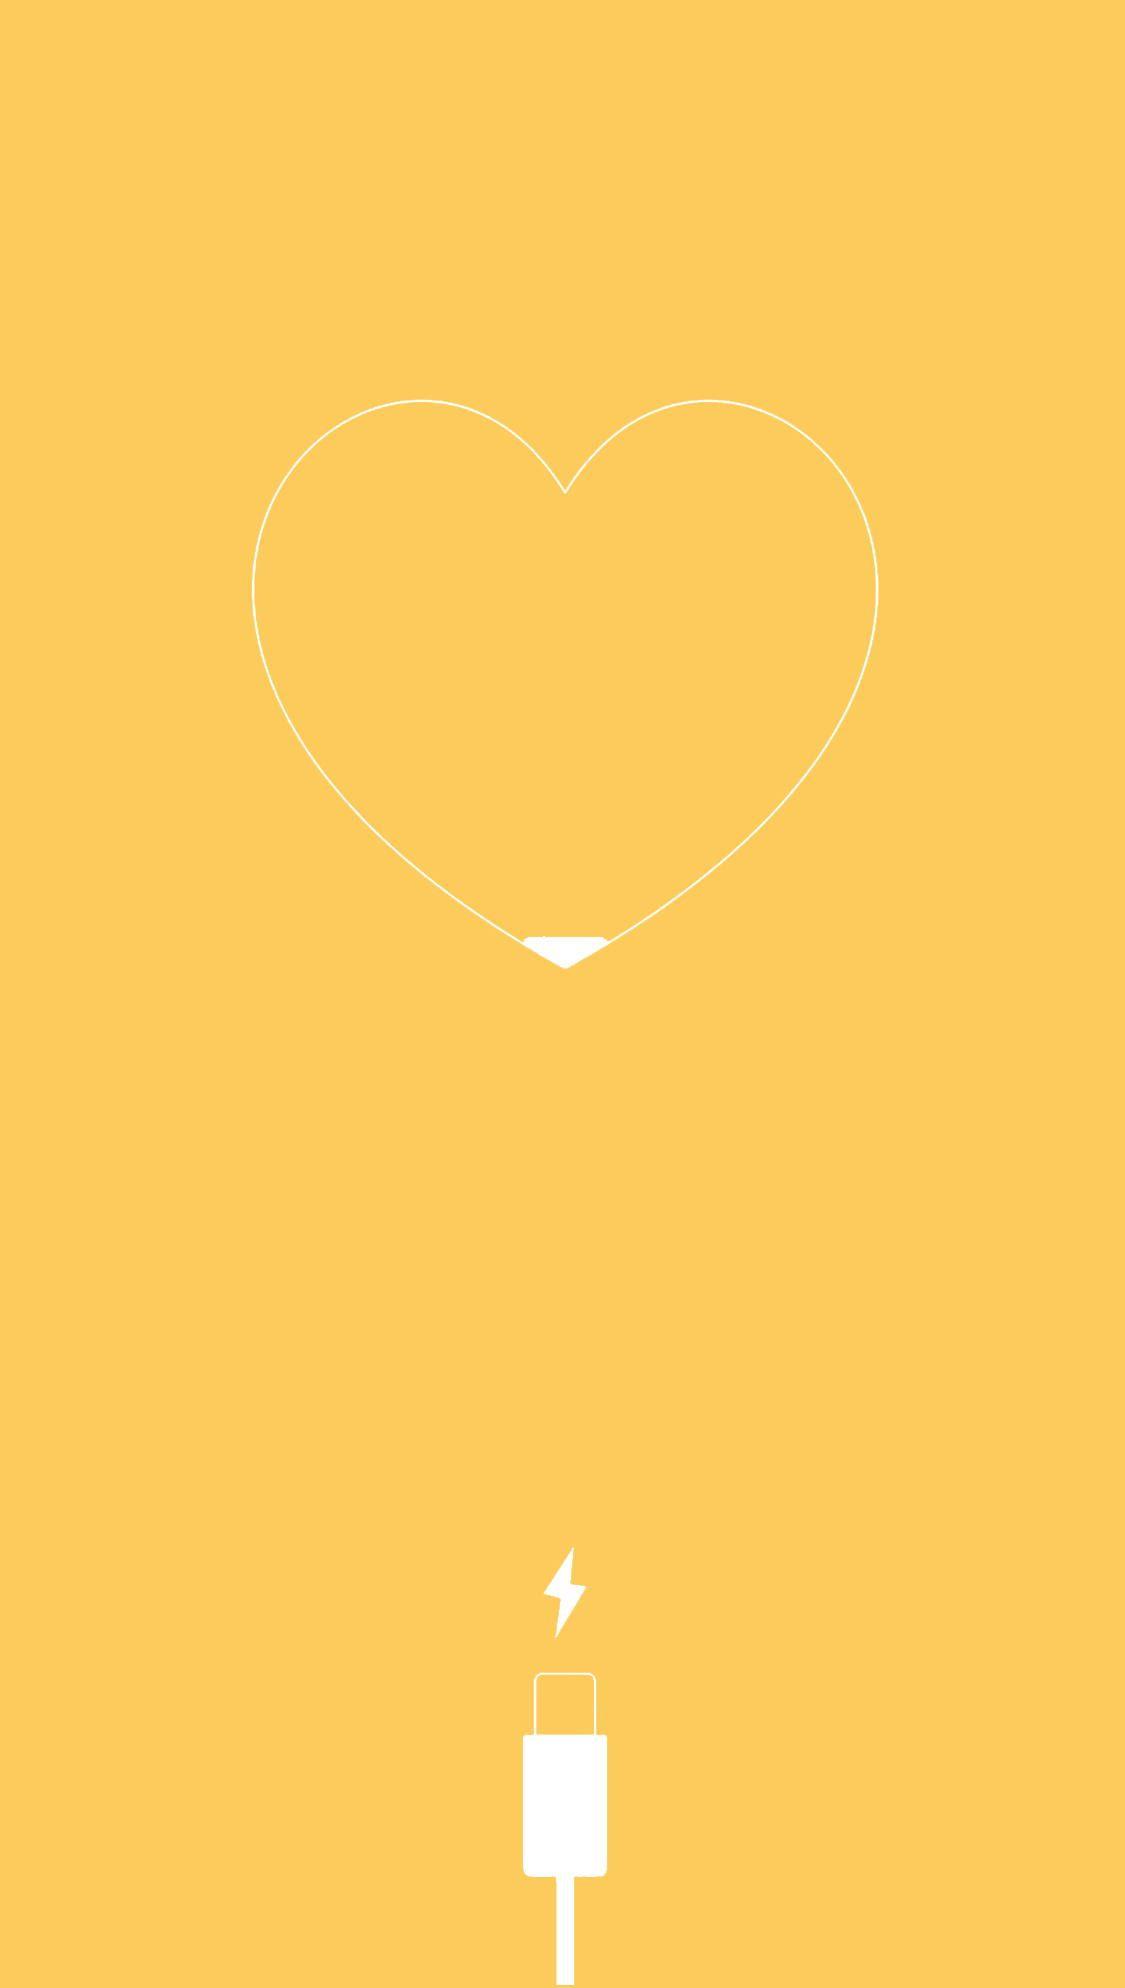 35 Yellow Aesthetic Wallpaper Yellow Aesthetic Wallpaper Aesthetic Wallpapers